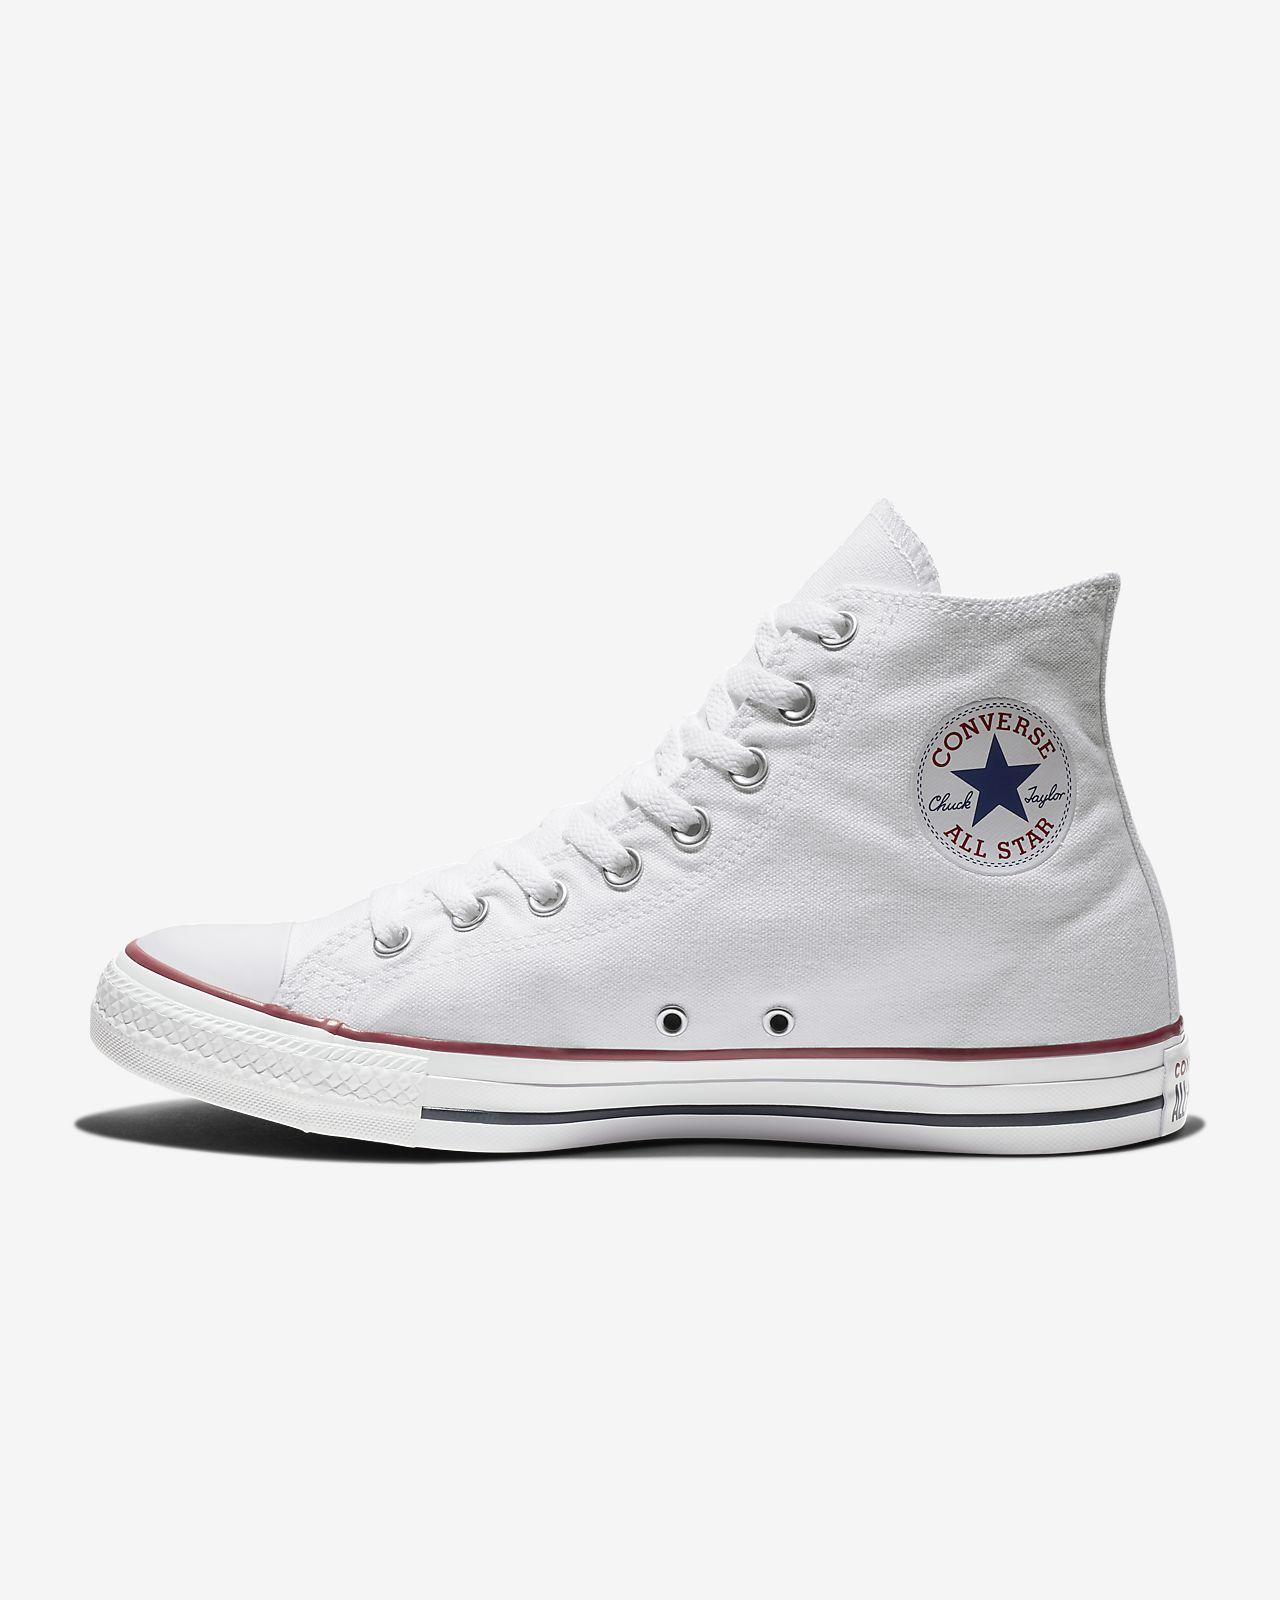 Calzado unisex Converse Chuck Taylor All Star de perfil alto